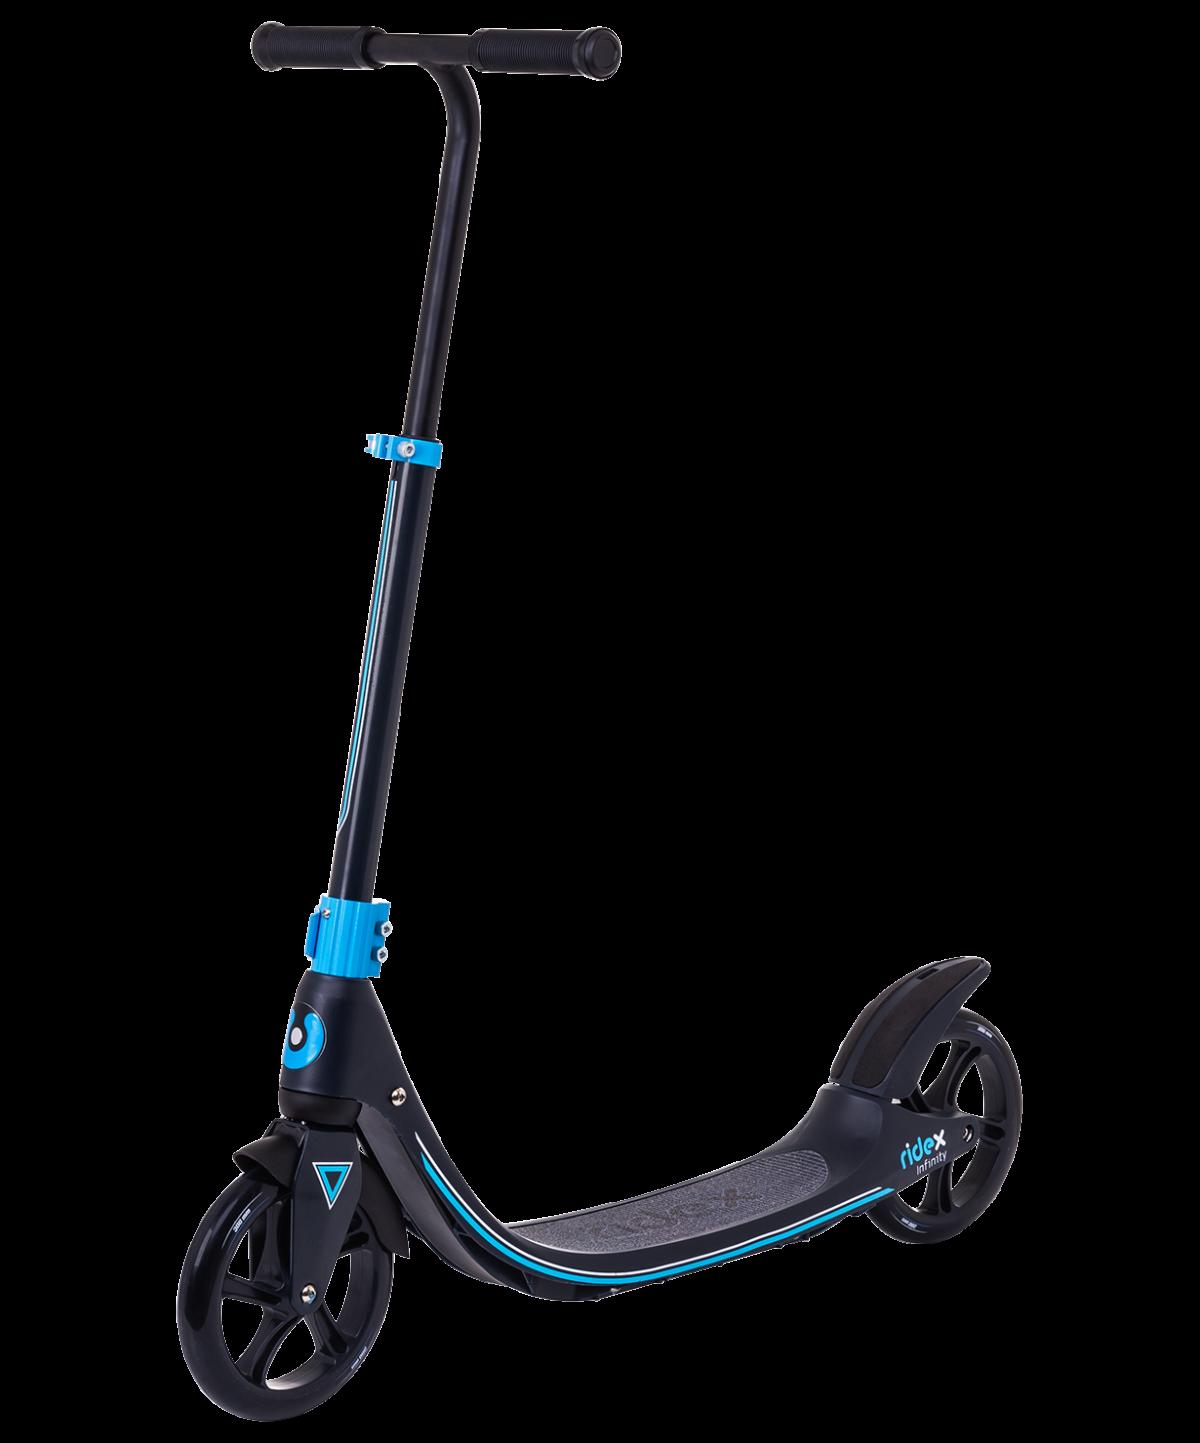 RIDEX Infinity Самокат 2-х колесный 200 мм  11581 - 1